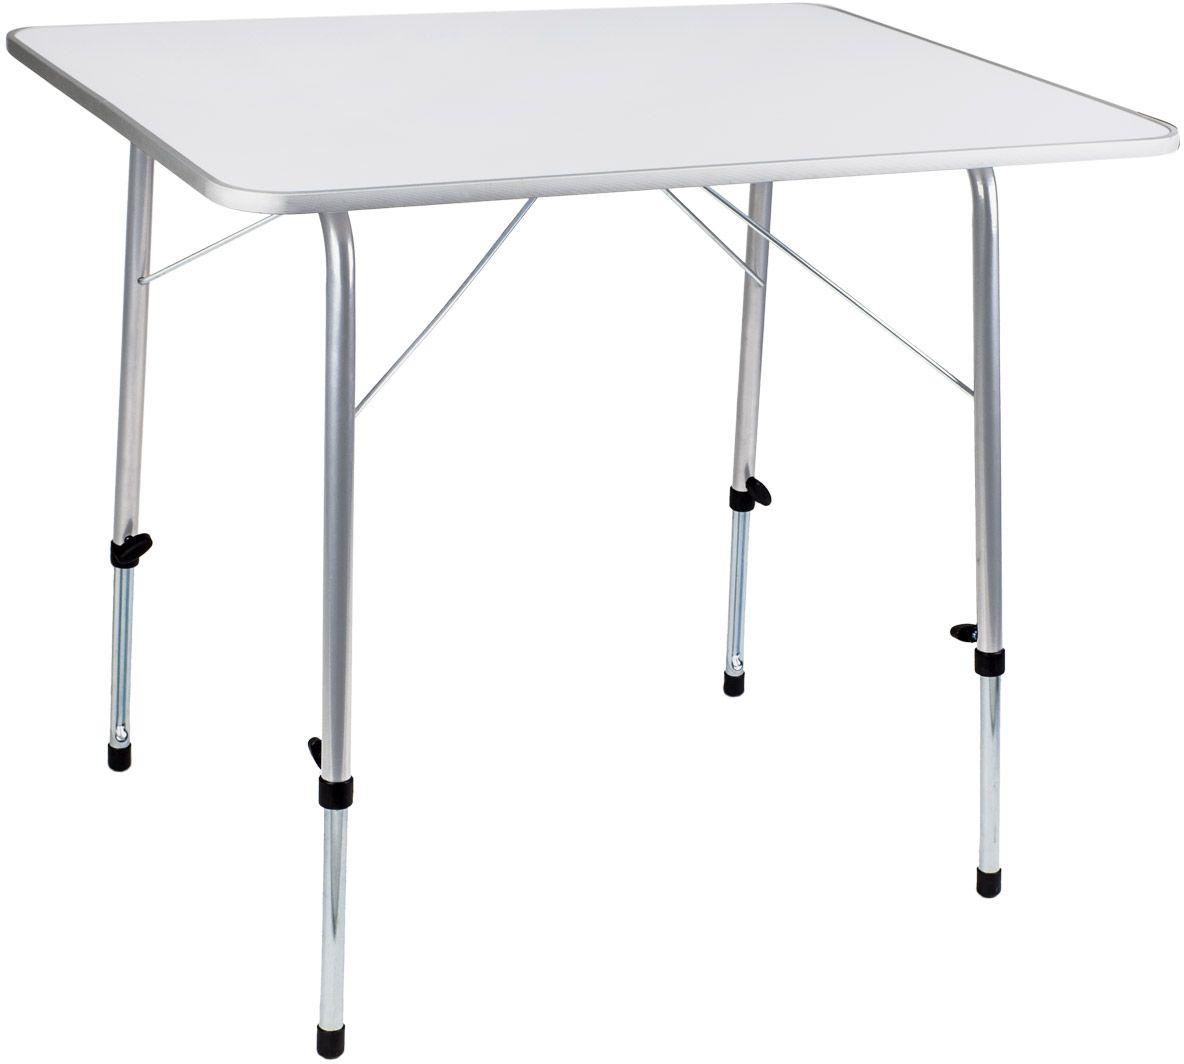 Стол складной TREK PLANET Picnic 80, кемпинговый, 81 х 6,5 х 62,5 см70664Удобный стол PICNIC 80 - отлично подойдет для кемпинга, дачи или пикника на природе. Благодаря индивидуально регулируемым ножкам стол можно ровно поставить на любой поверхностиНа минимальной высоте ножек высота стола удобна для детей. Особенности: - Каждая ножка индивидуально ругелируется. - Можно ровно поставить стол на любой поверхности. - Столешница из огнеупорного пластика. - На минимальной высоте стол удобен для детей. - Плоско складывается.Материал: Столешница: огнеупорный пластик. Рама: 22/19 мм сталь. Размер в разложенном виде: 60 х 80 х 50/69 см. Минимальная высота стола: 50 см. Максимальная высота стола: 69 см. Размер в сложенном виде: 60 х 80 см. Вес: 6,6 кг. Нагрузка: 30 кг. Производство: Китай. Артикул: 70664.